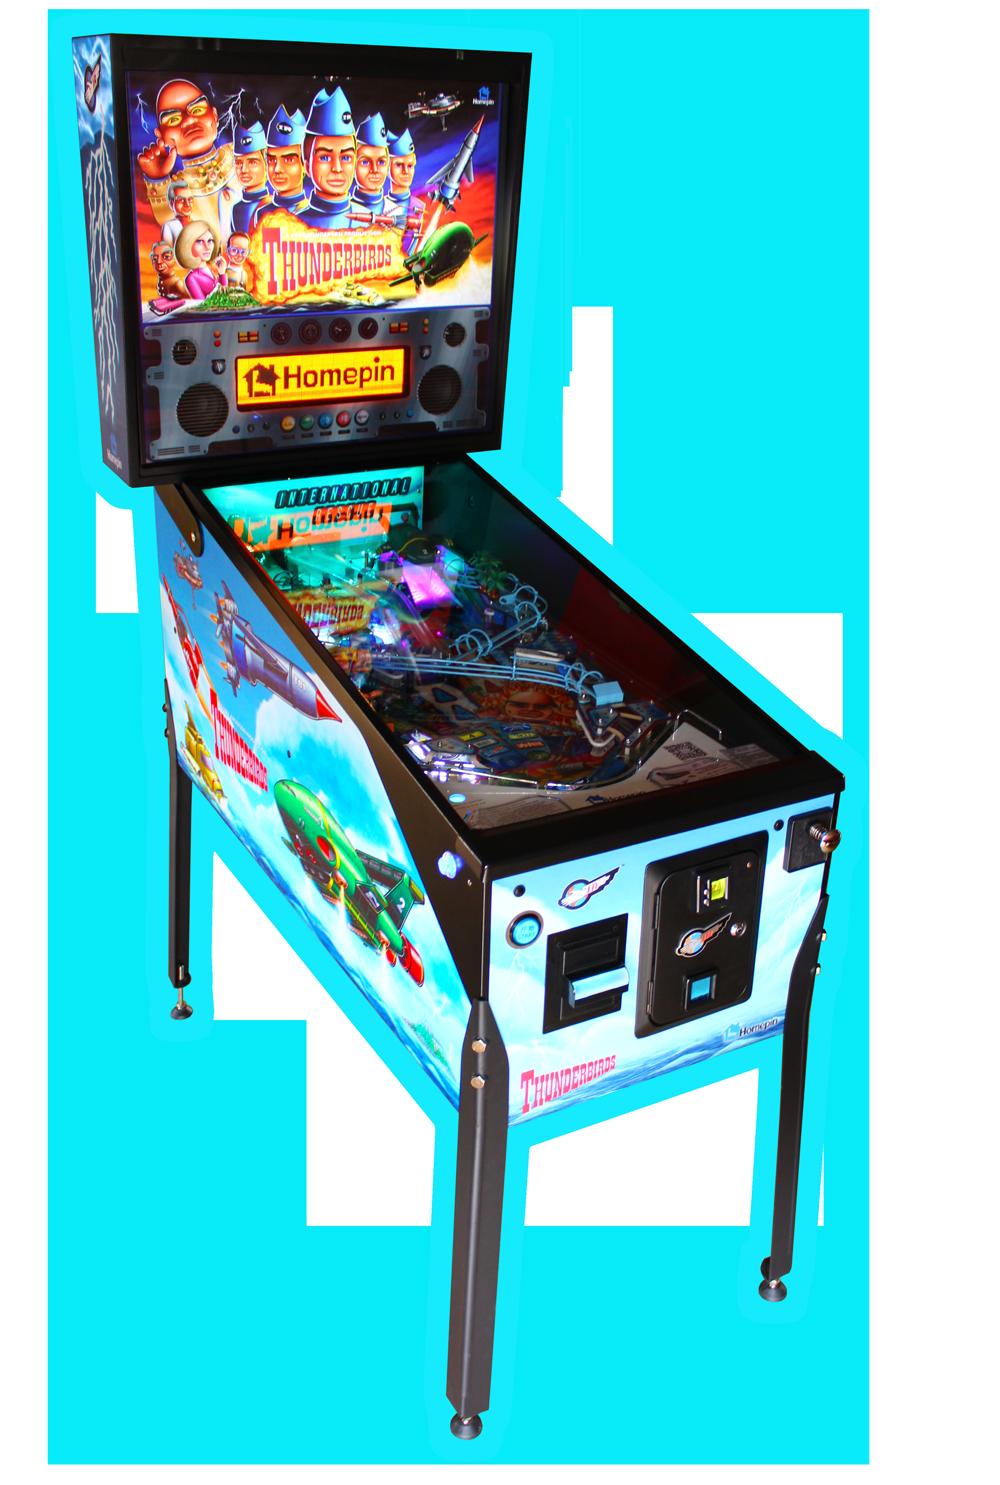 Thunderbirds pinball machine.